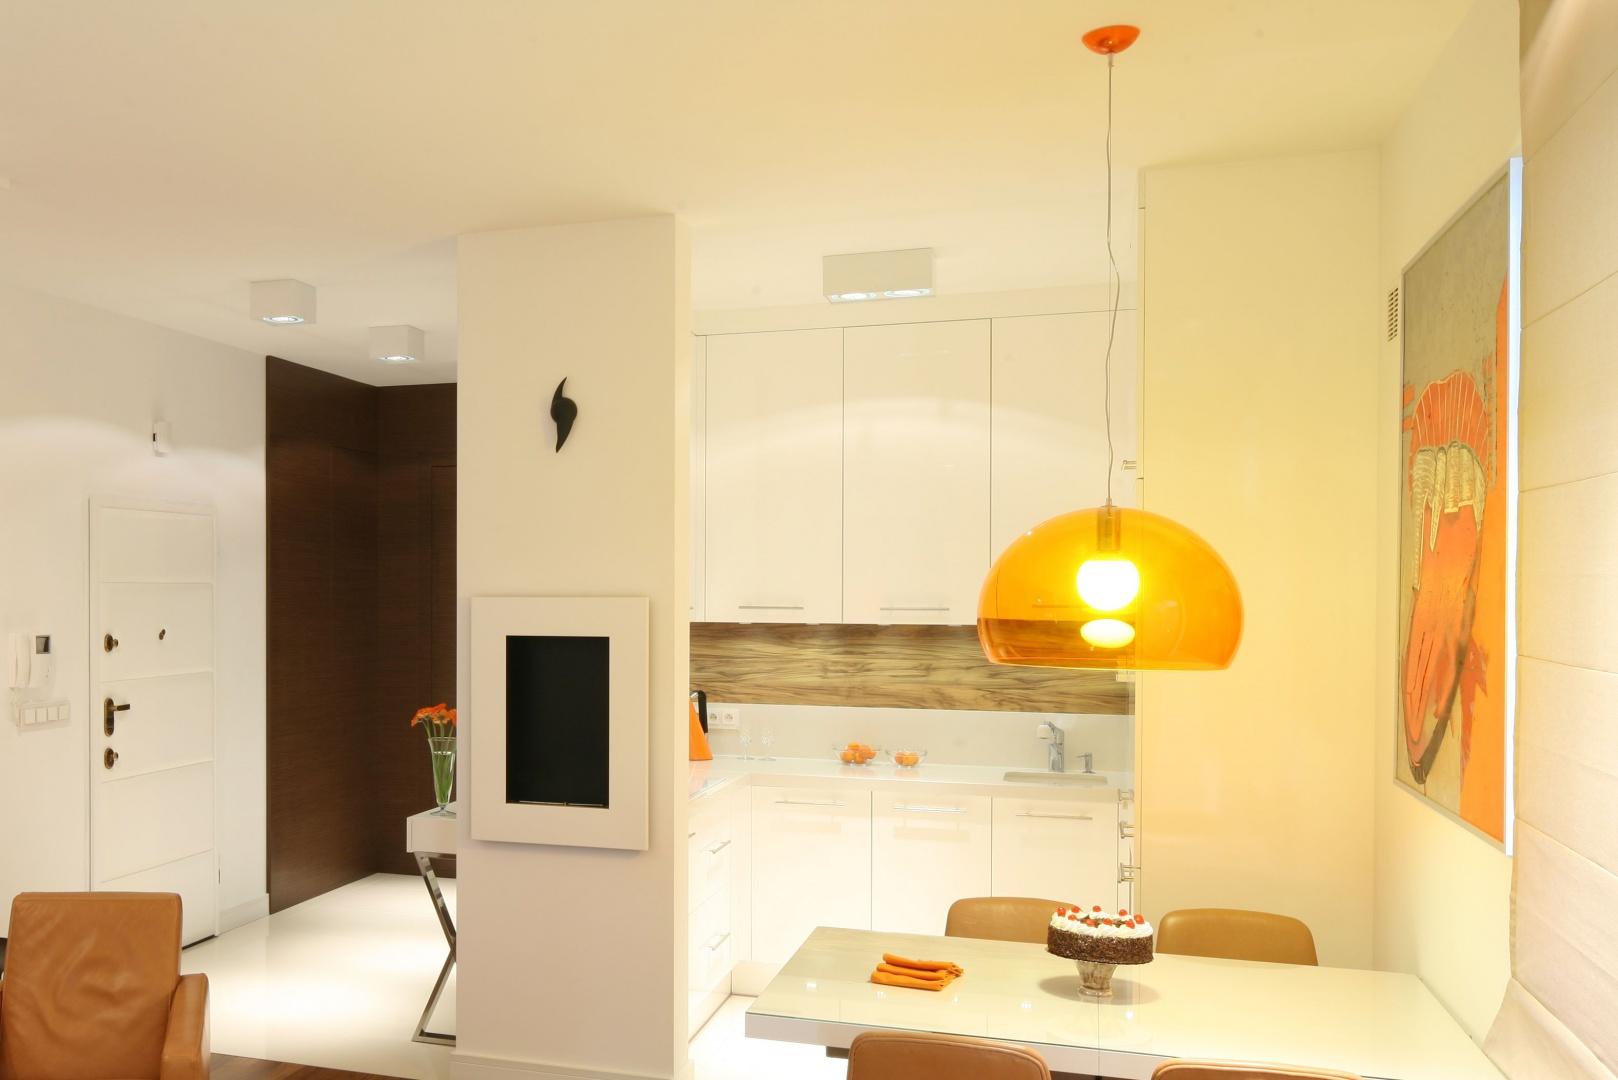 Małą kuchnię optycznie powiększa hojnie zastosowana biel, a poprowadzona pod sam sufit zabudowa, pozwala na wykorzystanie do maksimum powierzchnię użytkową. Projekt: Małgorzata Galewska. Fot. Bartosz Jarosz.